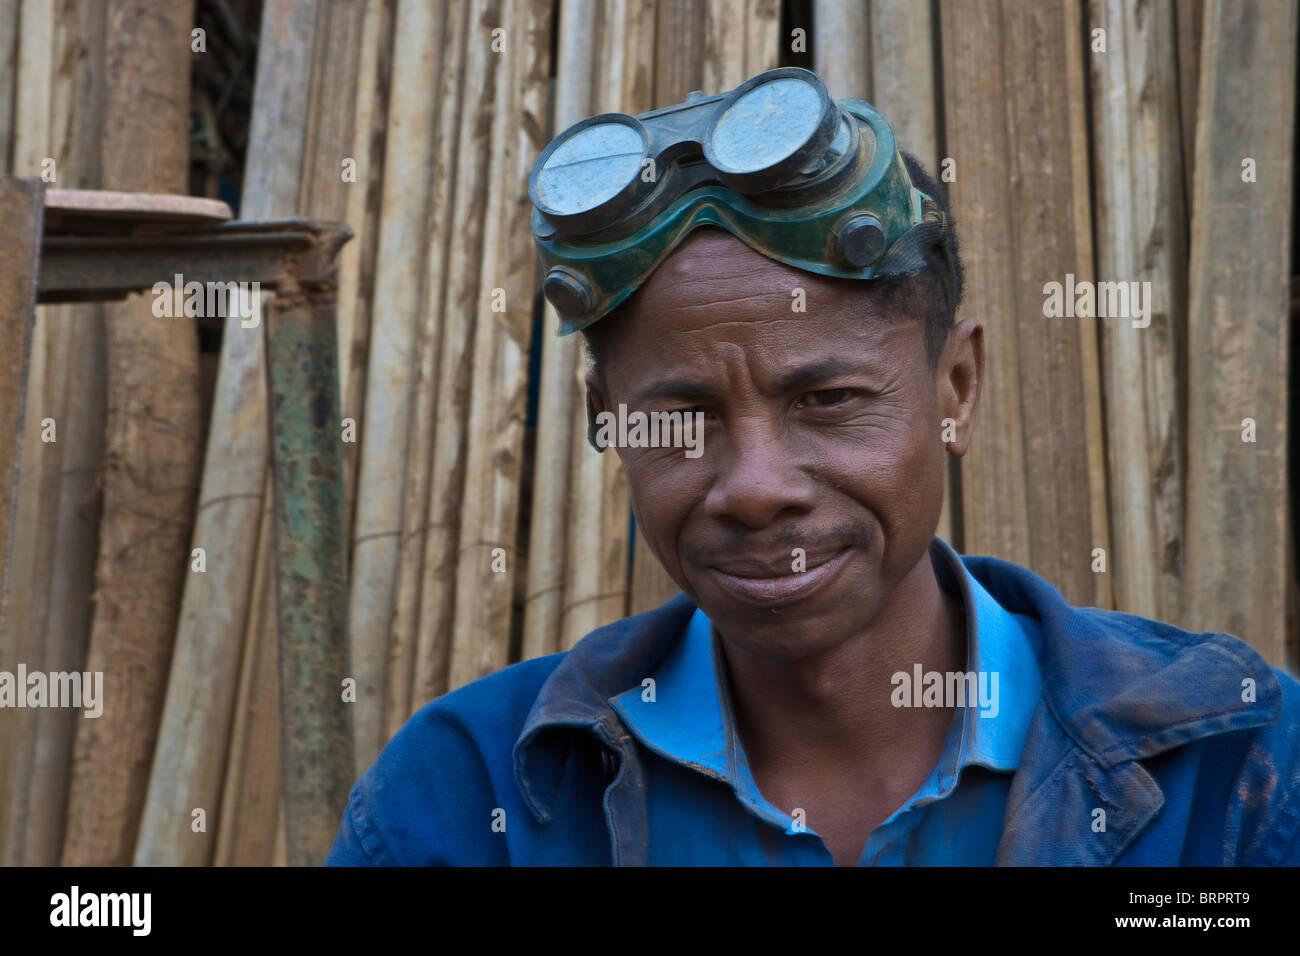 Ritratto di lavoratore di metallo, Bealana, Regione di Sofia, Madagascar Immagini Stock